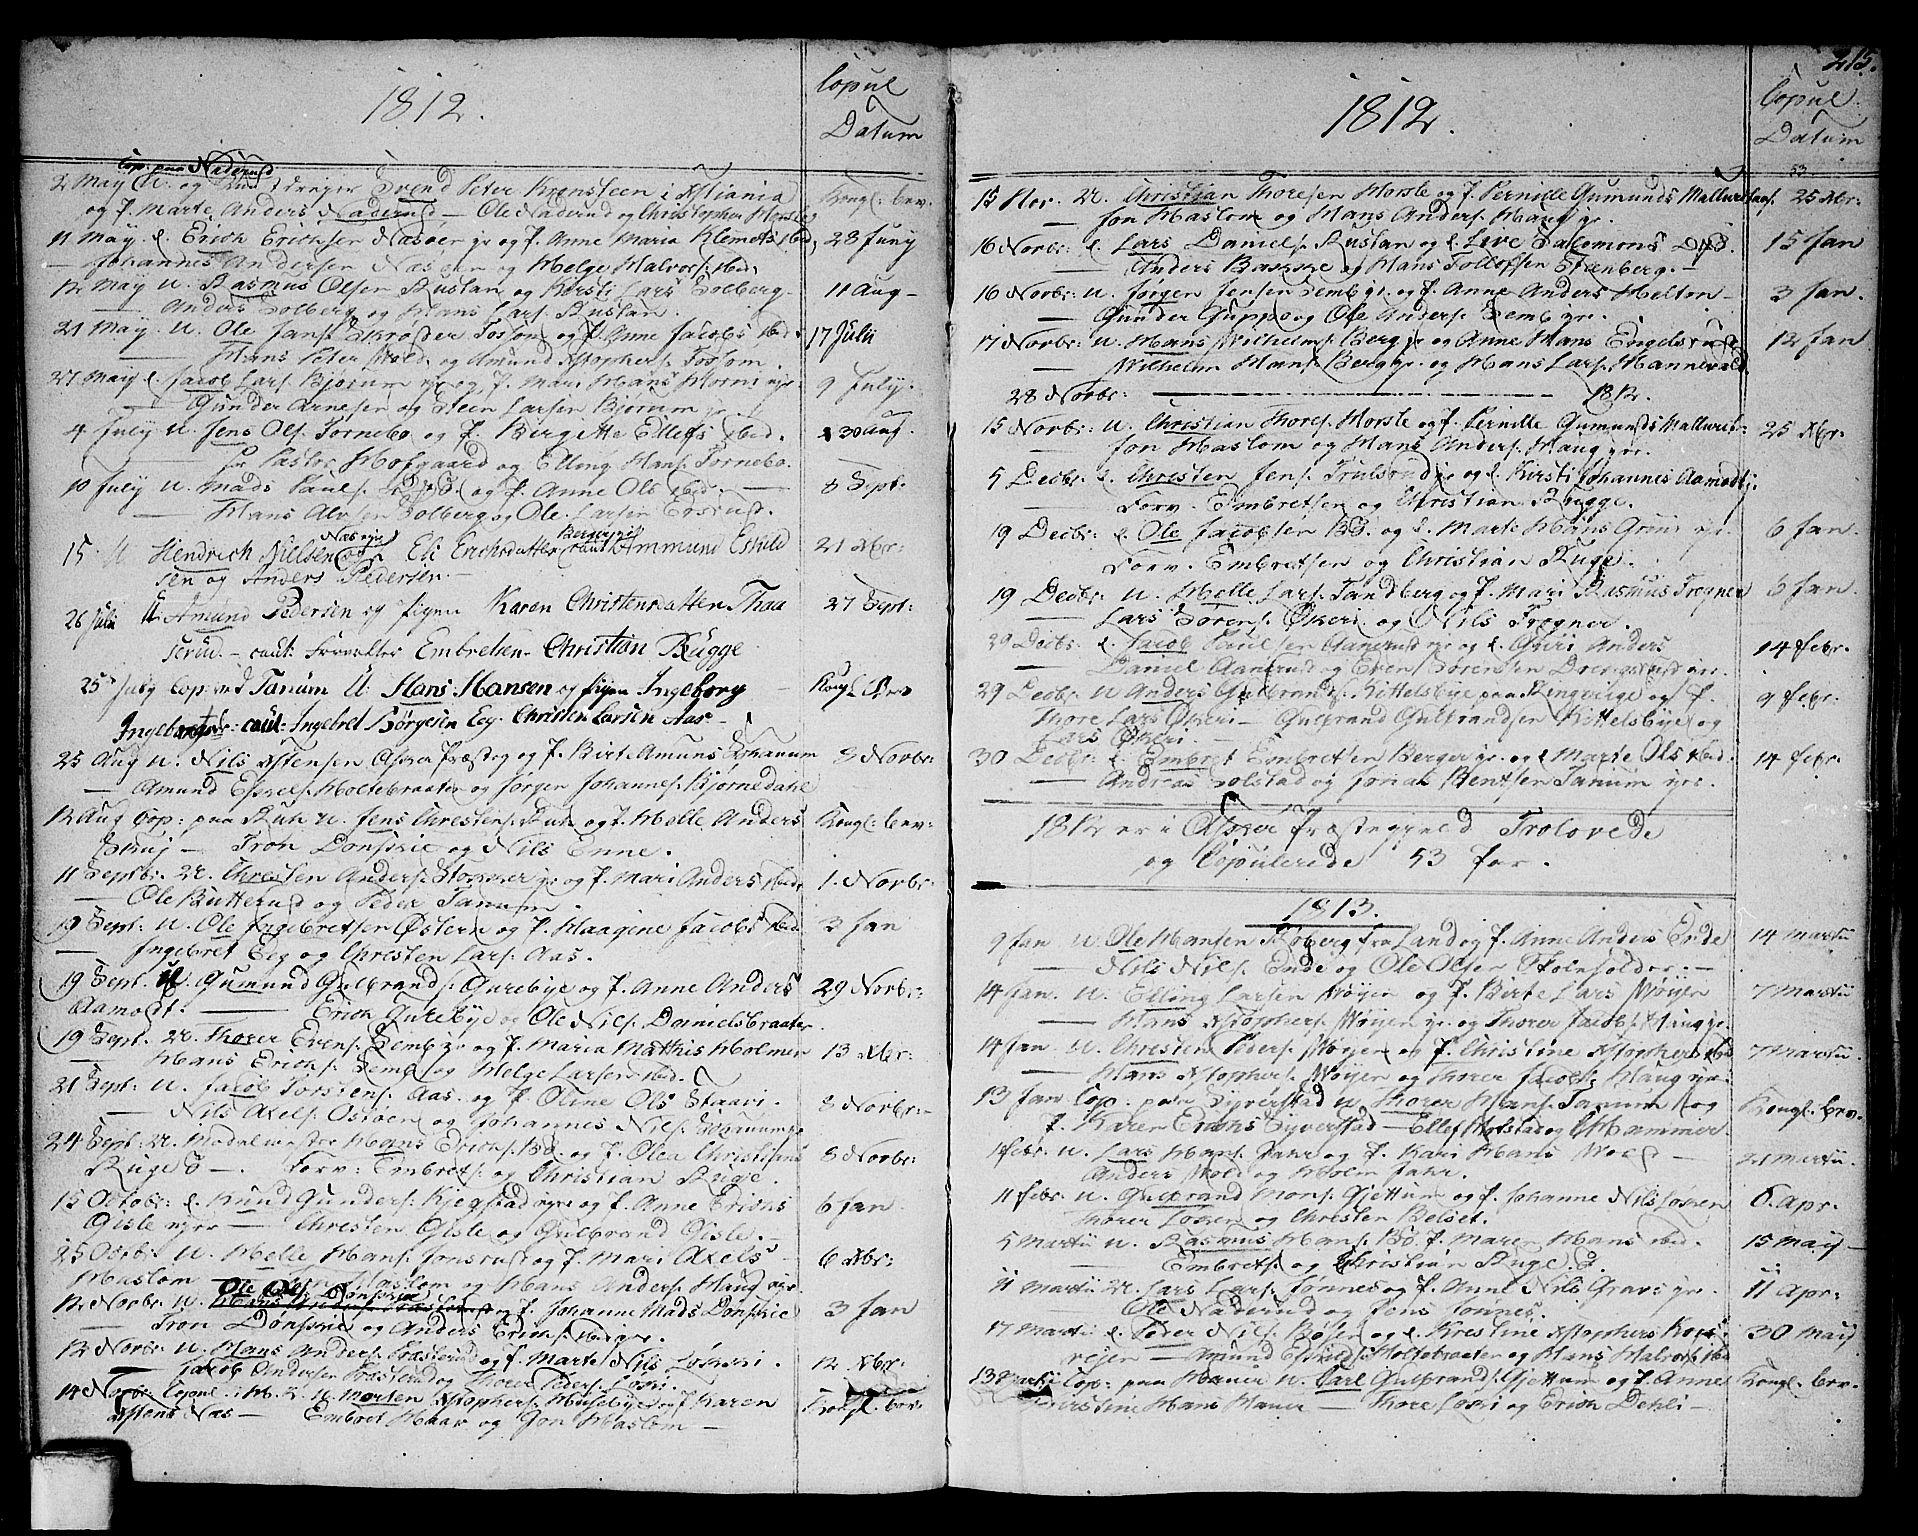 SAO, Asker prestekontor Kirkebøker, F/Fa/L0005: Ministerialbok nr. I 5, 1807-1813, s. 215